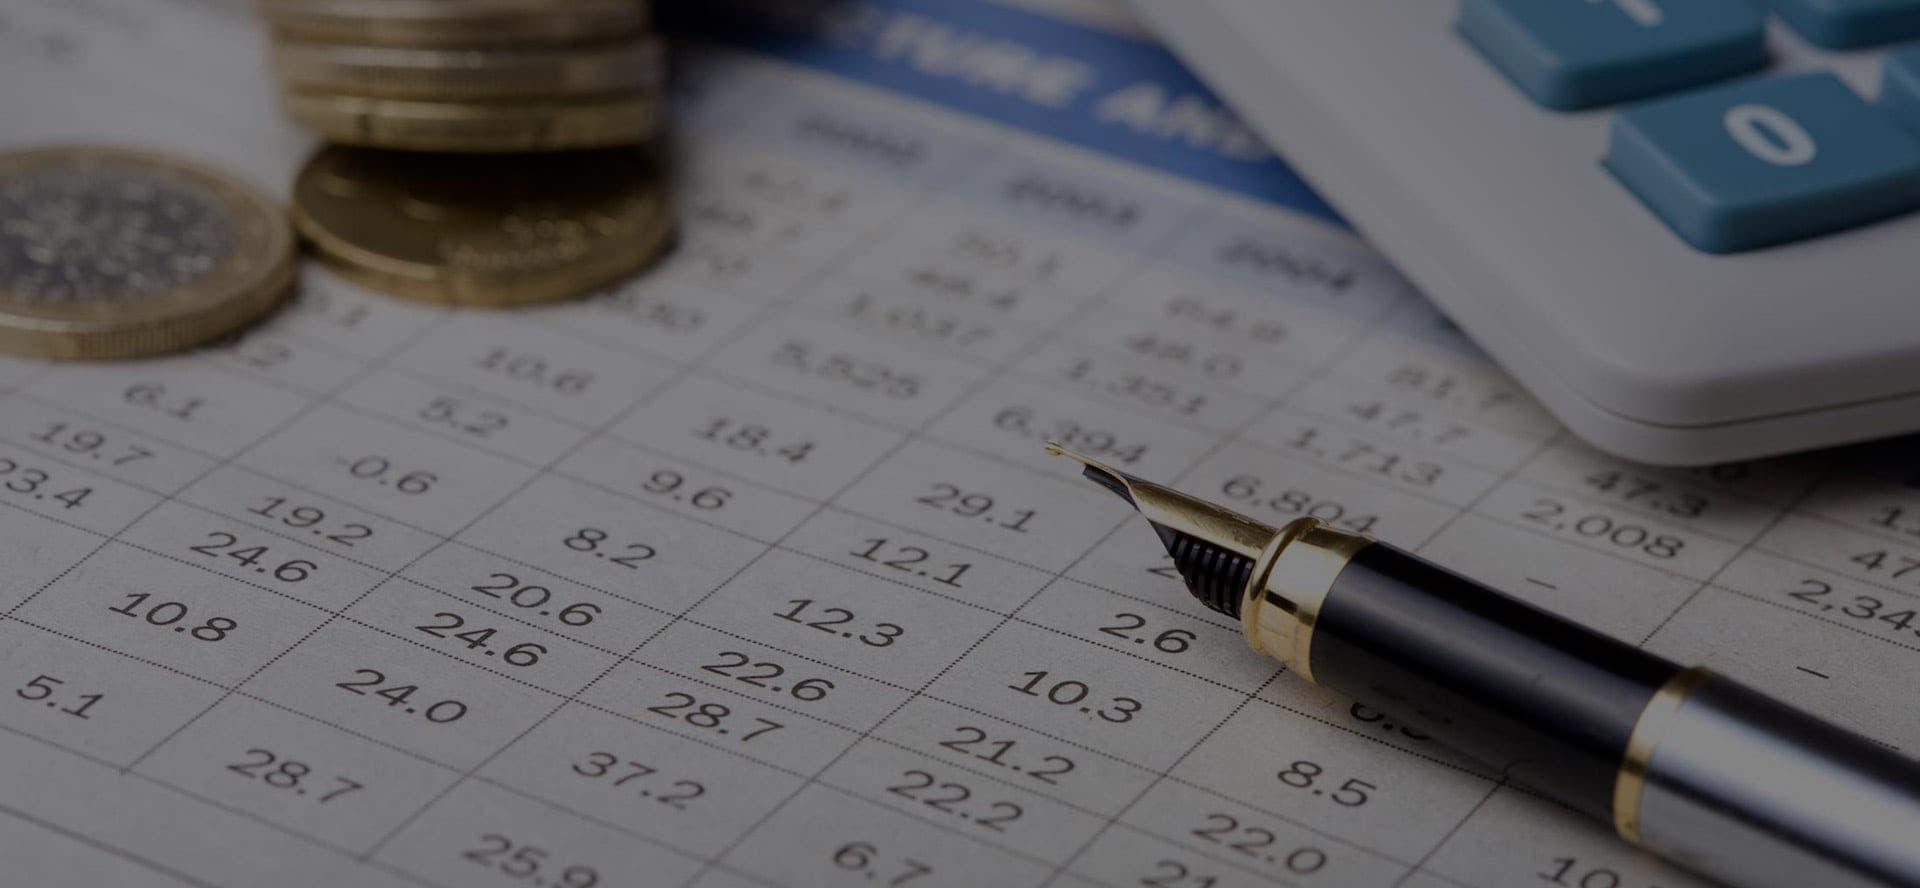 cabinet-comptable-satc-comptabilite-tenue-livres-paies